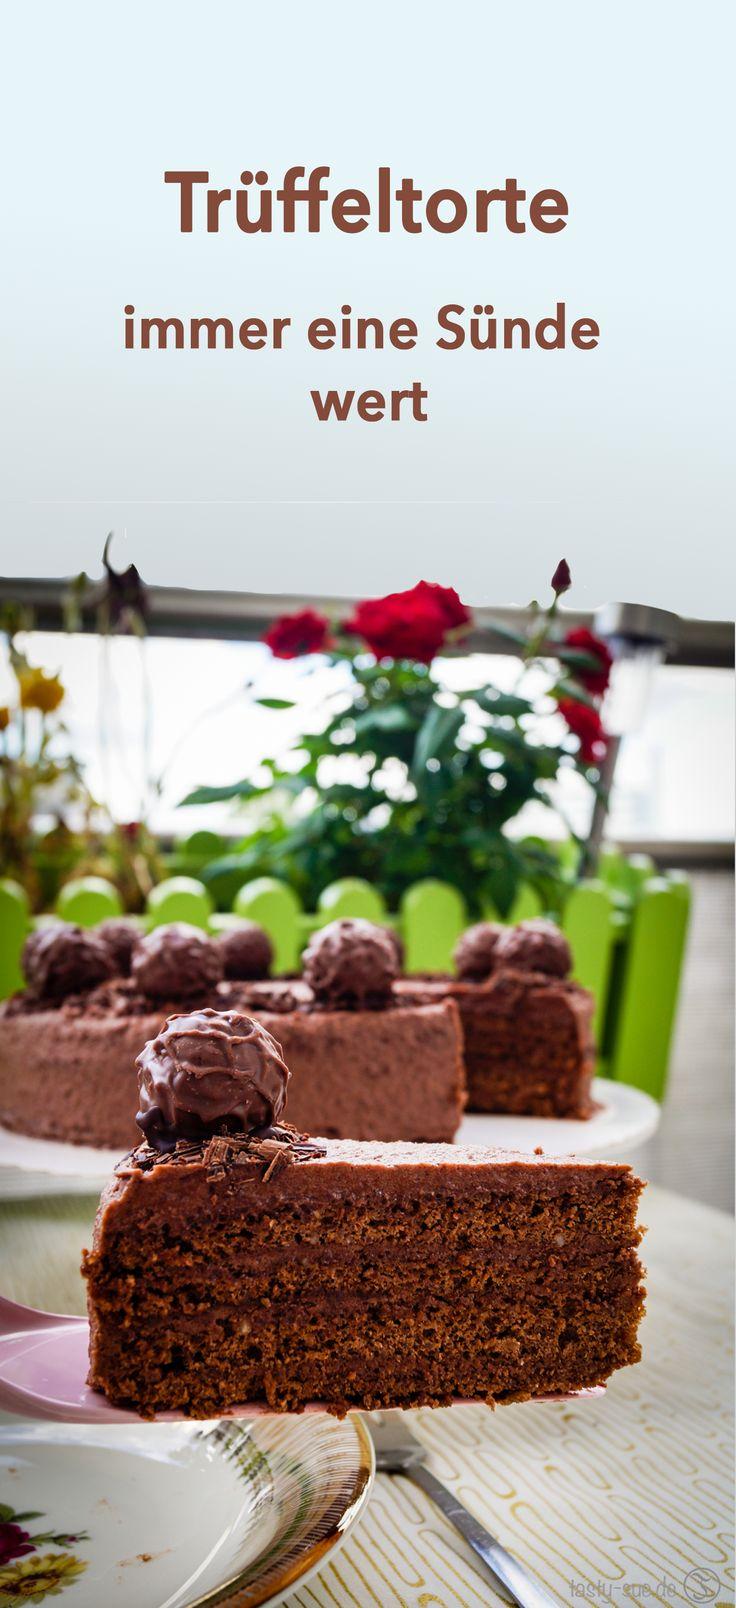 Trüffeltorte - lockerer nussiger Teig, gefüllt mit einer schokoladigen Trüffelcreme